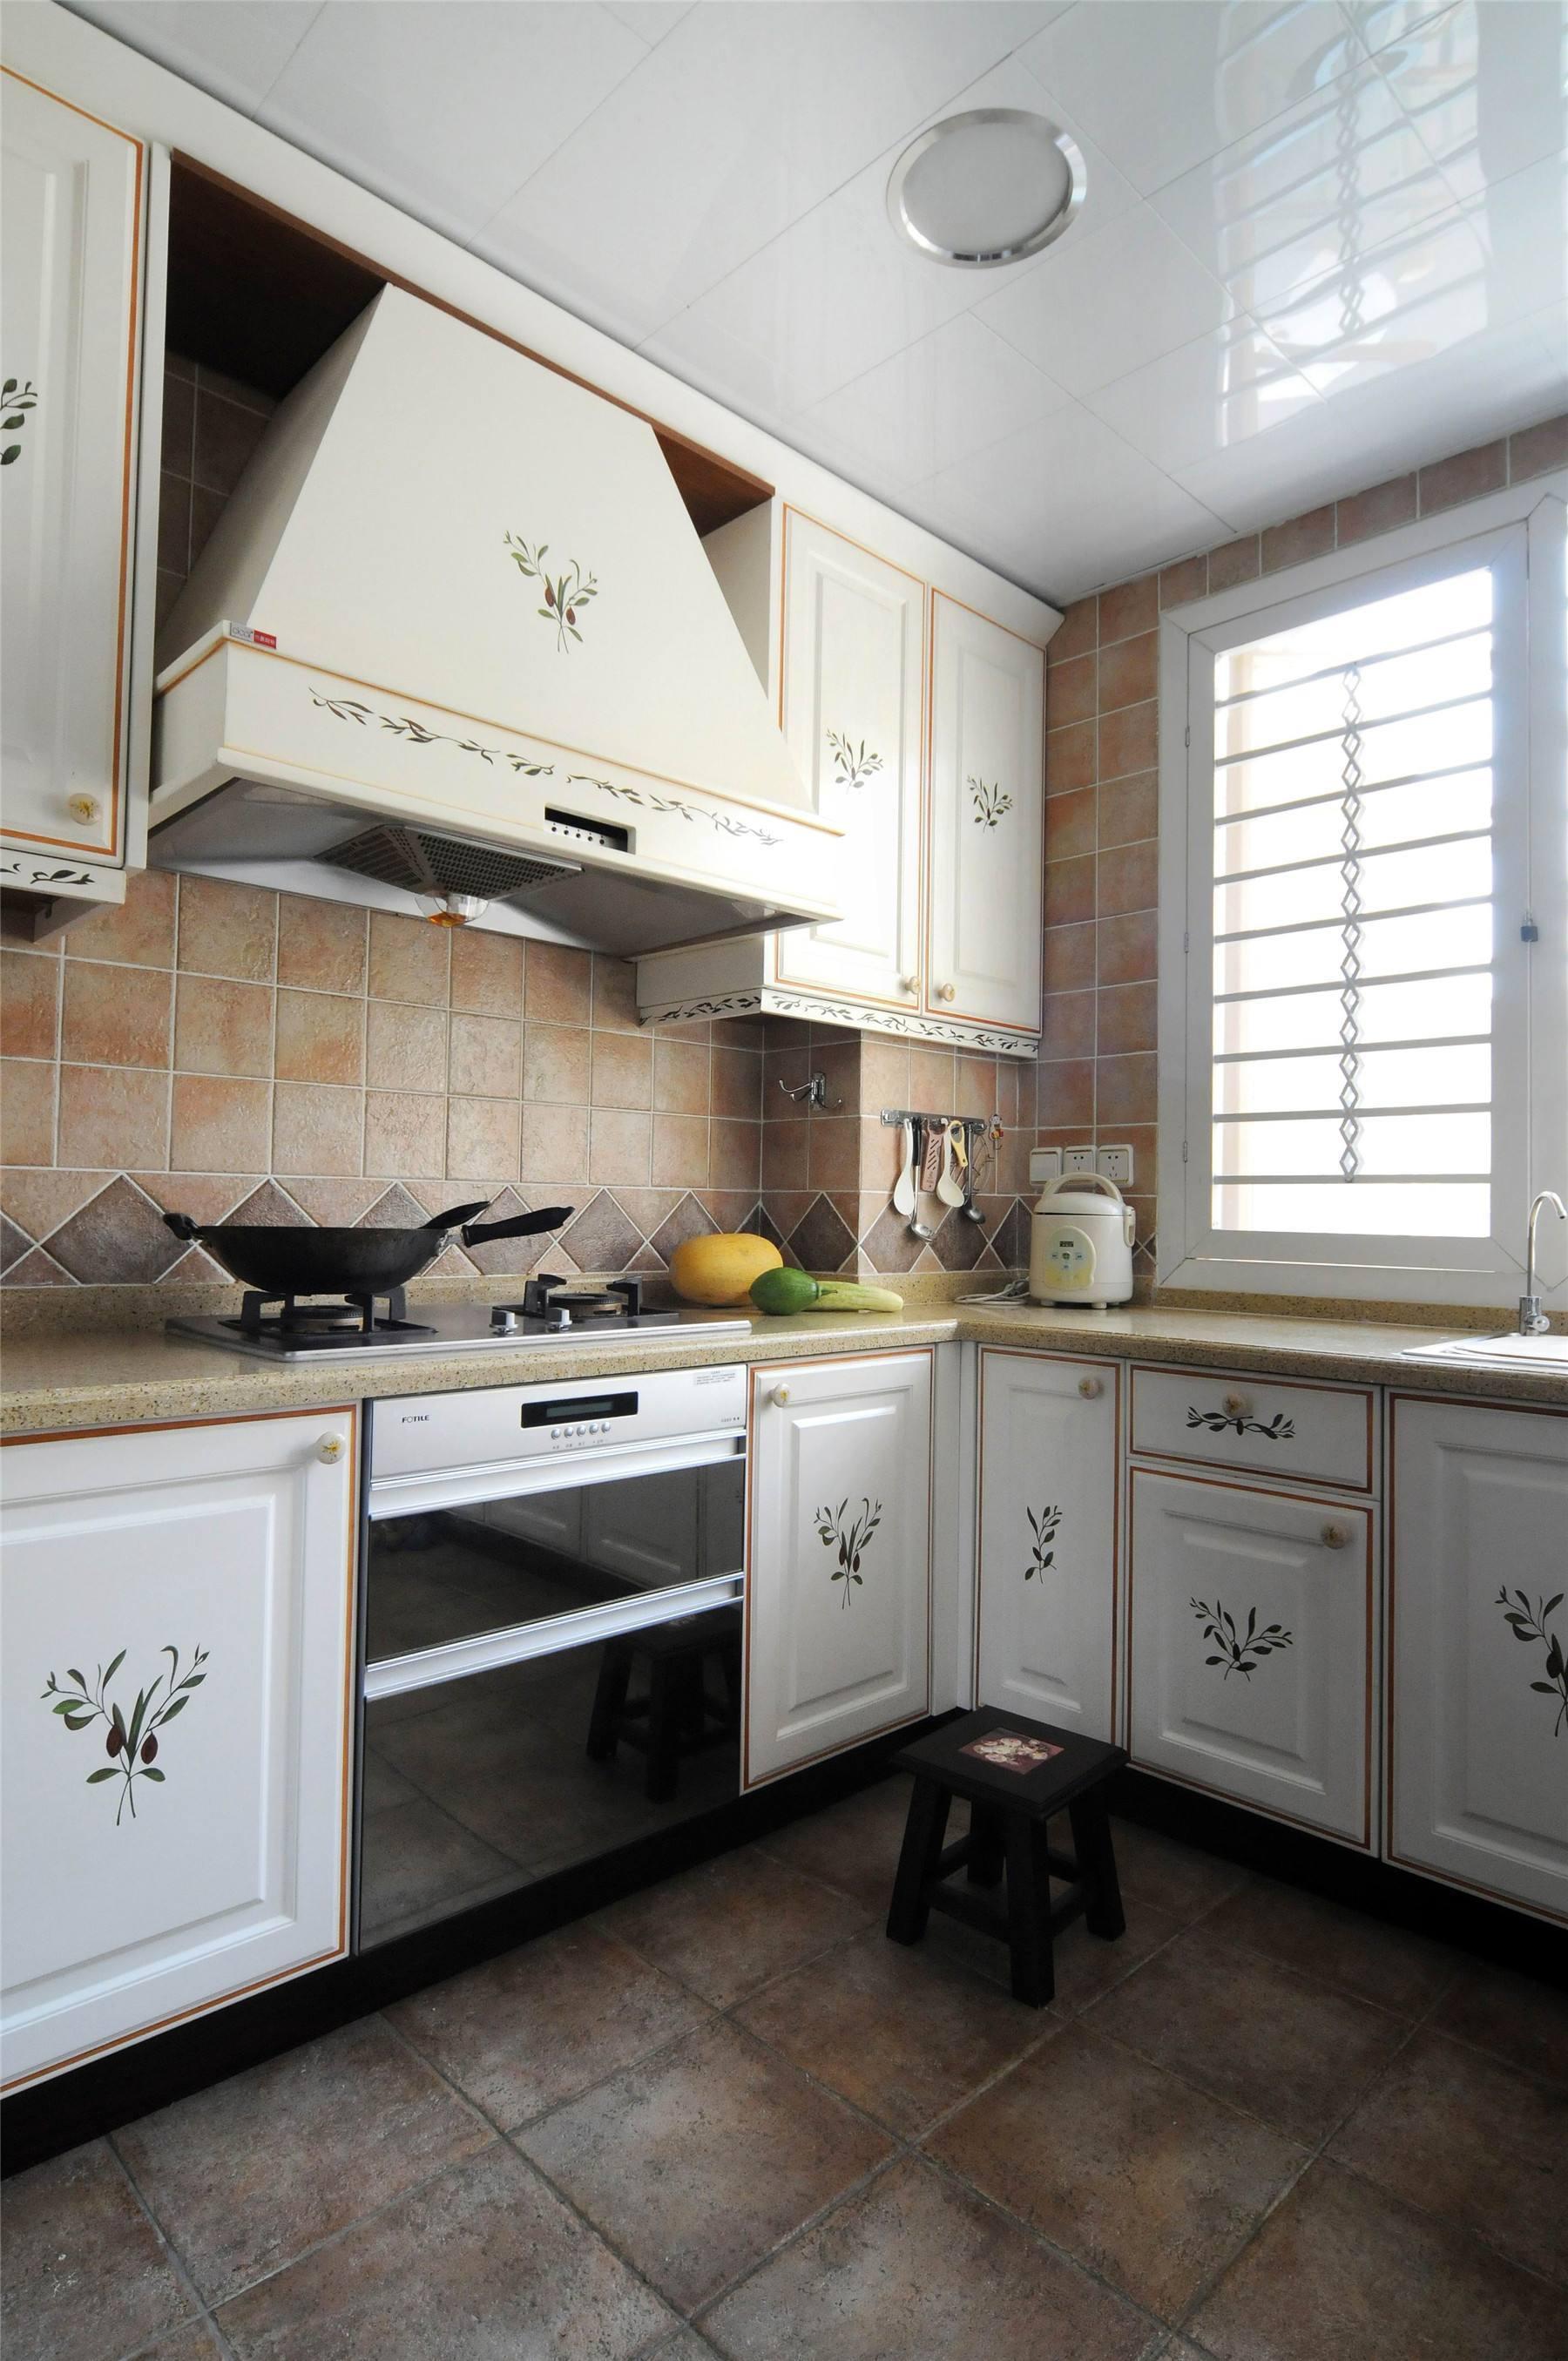 厨房老板油烟机装修效果图,厨房油烟机顶吸装修效果图